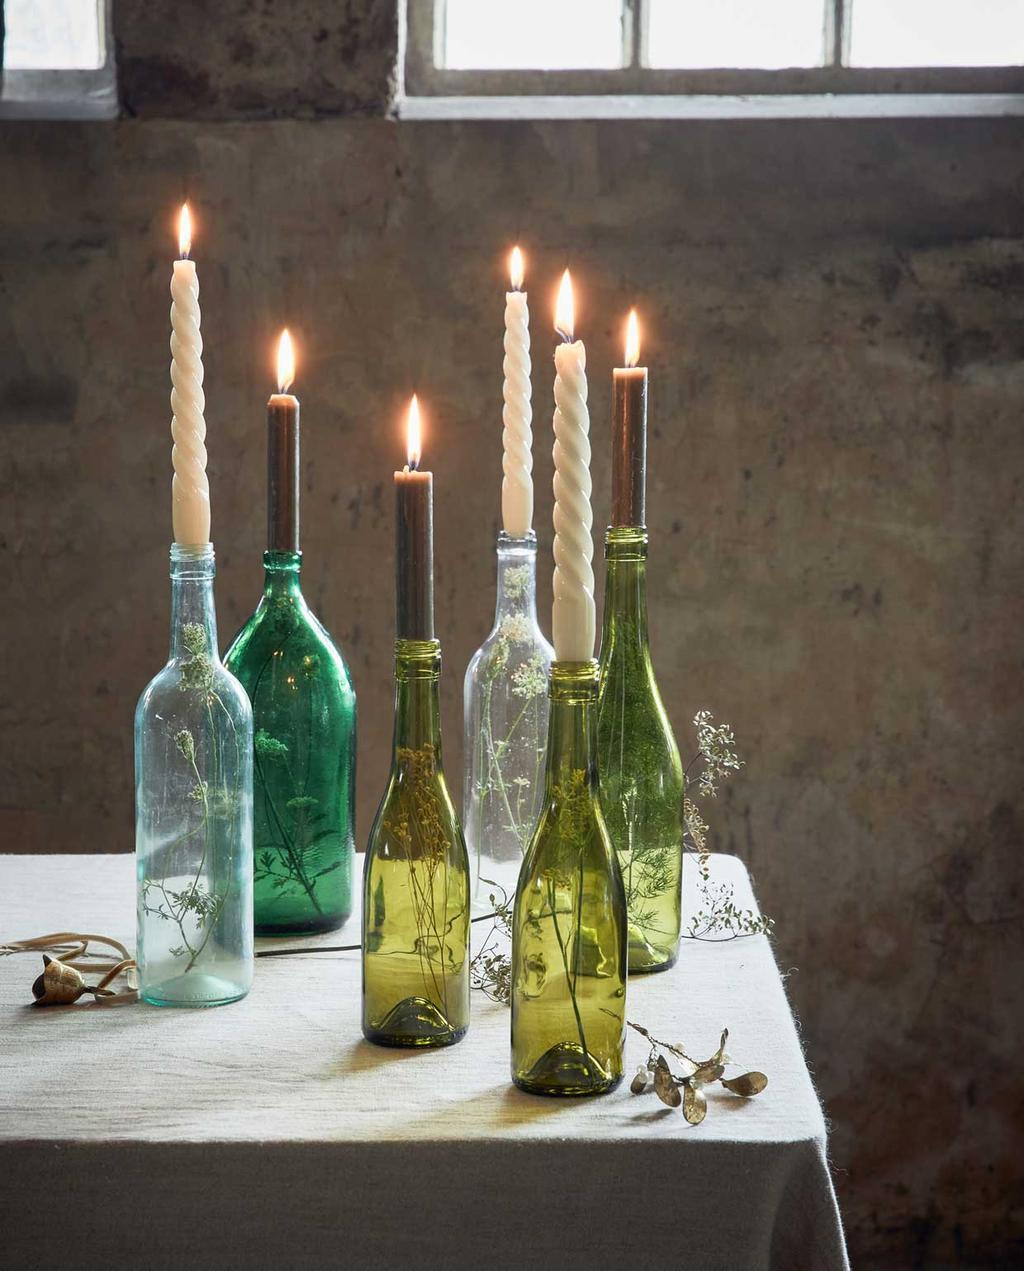 vtwonen 12-2020 | styling 1 | sobere kerst | flessenfeest | flessen met gedraaide kaarsen